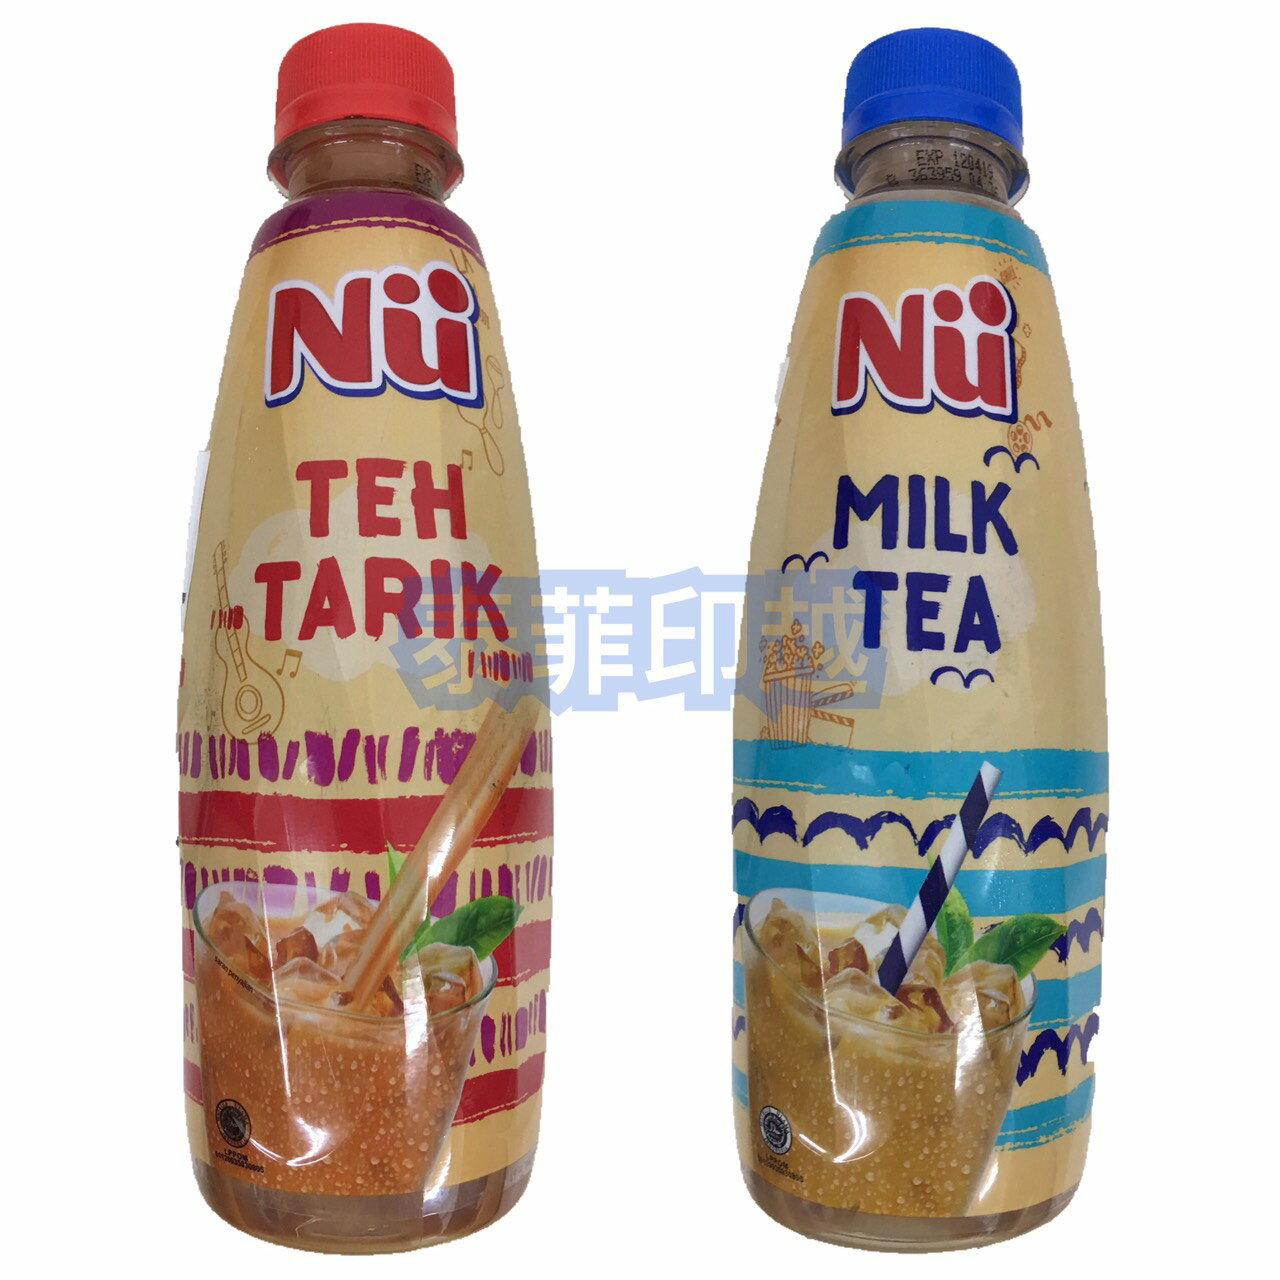 印尼 nii nu 印尼奶茶 印尼拉茶 330毫升